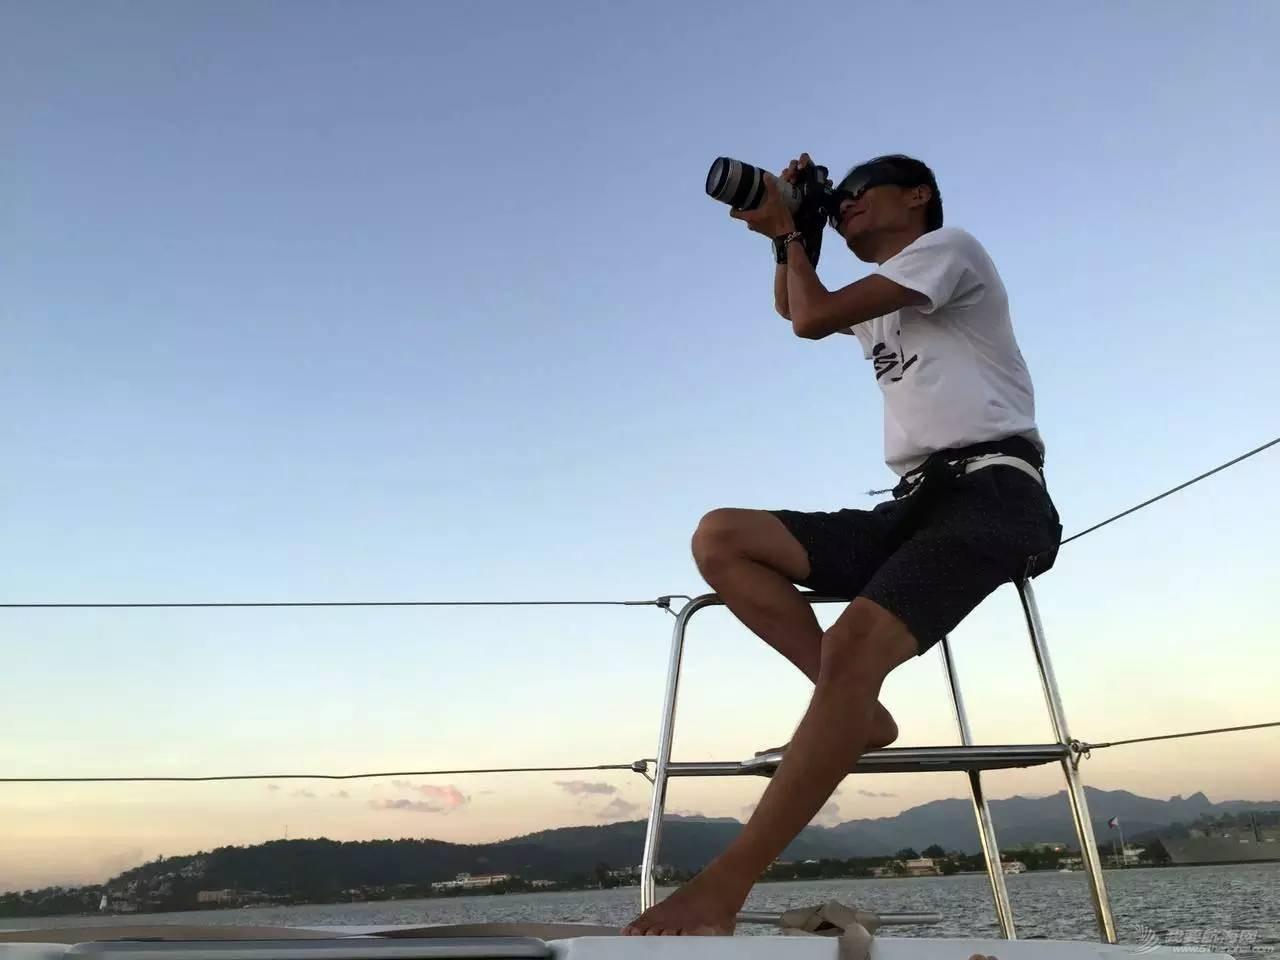 菲律宾,东南亚,照片,左右 3000海里远航东南亚//第二站【菲律宾-东马】 0eb3537221727c0ddfb630c3d382b1f7.jpg